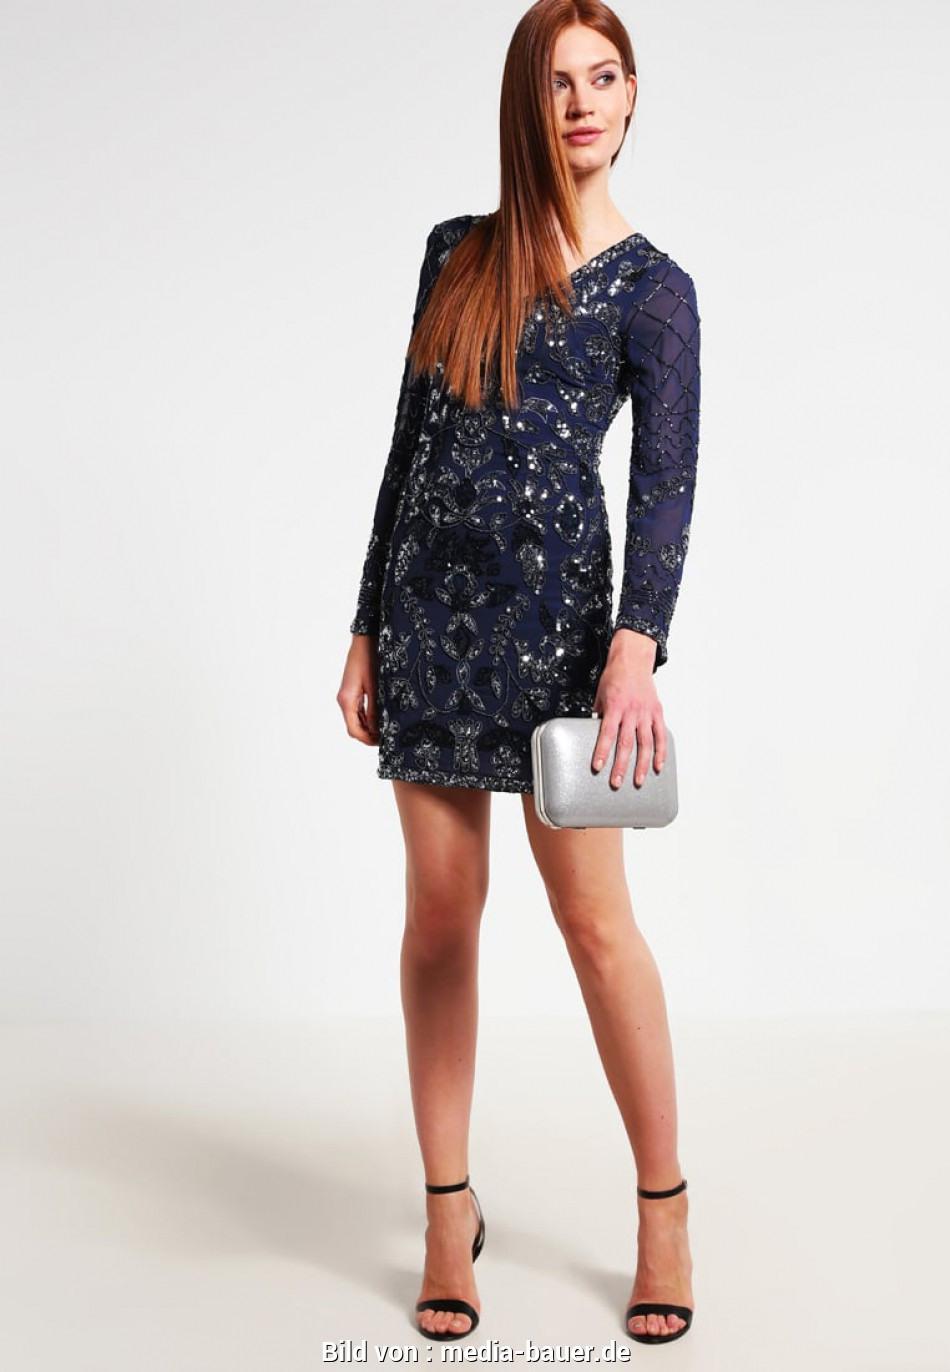 20 Erstaunlich Abendkleider Bei Zara Boutique15 Schön Abendkleider Bei Zara Vertrieb